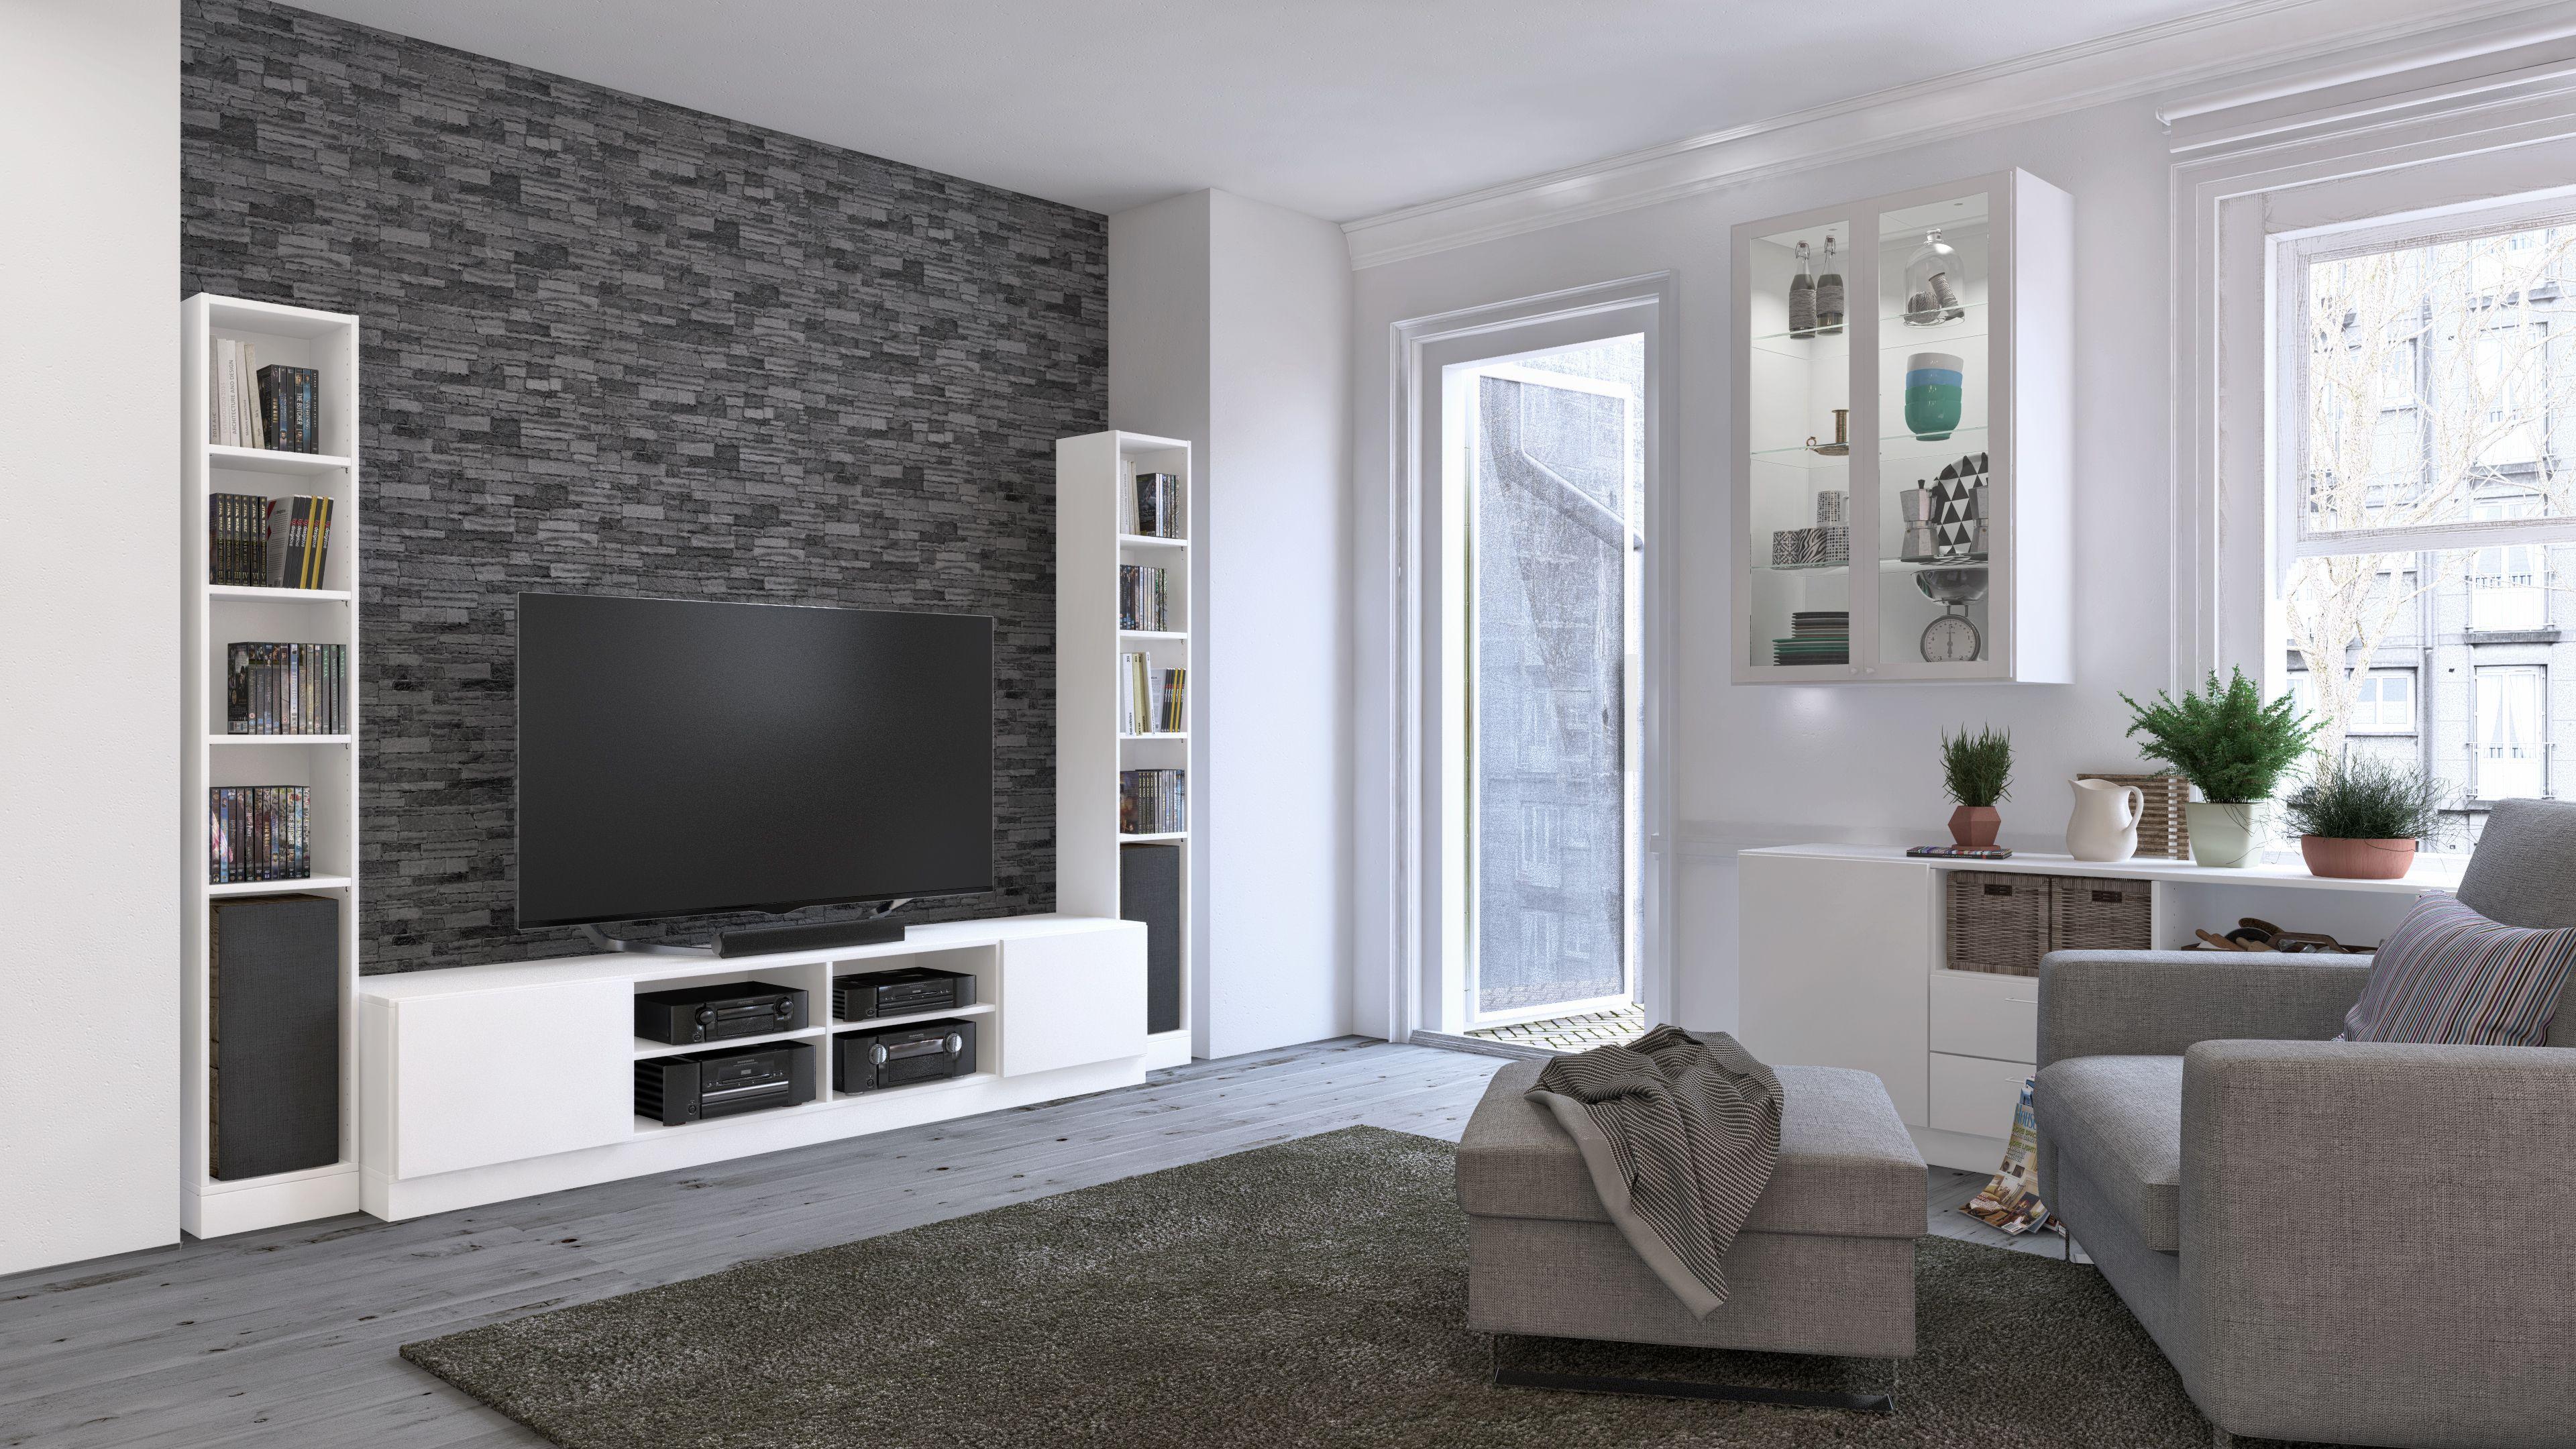 Perfekt Schön Im Wohnzimmer Können Kommoden Vielfältig Eingesetzt Werden: Als TV  Möbel Oder Um Stauraum Zu